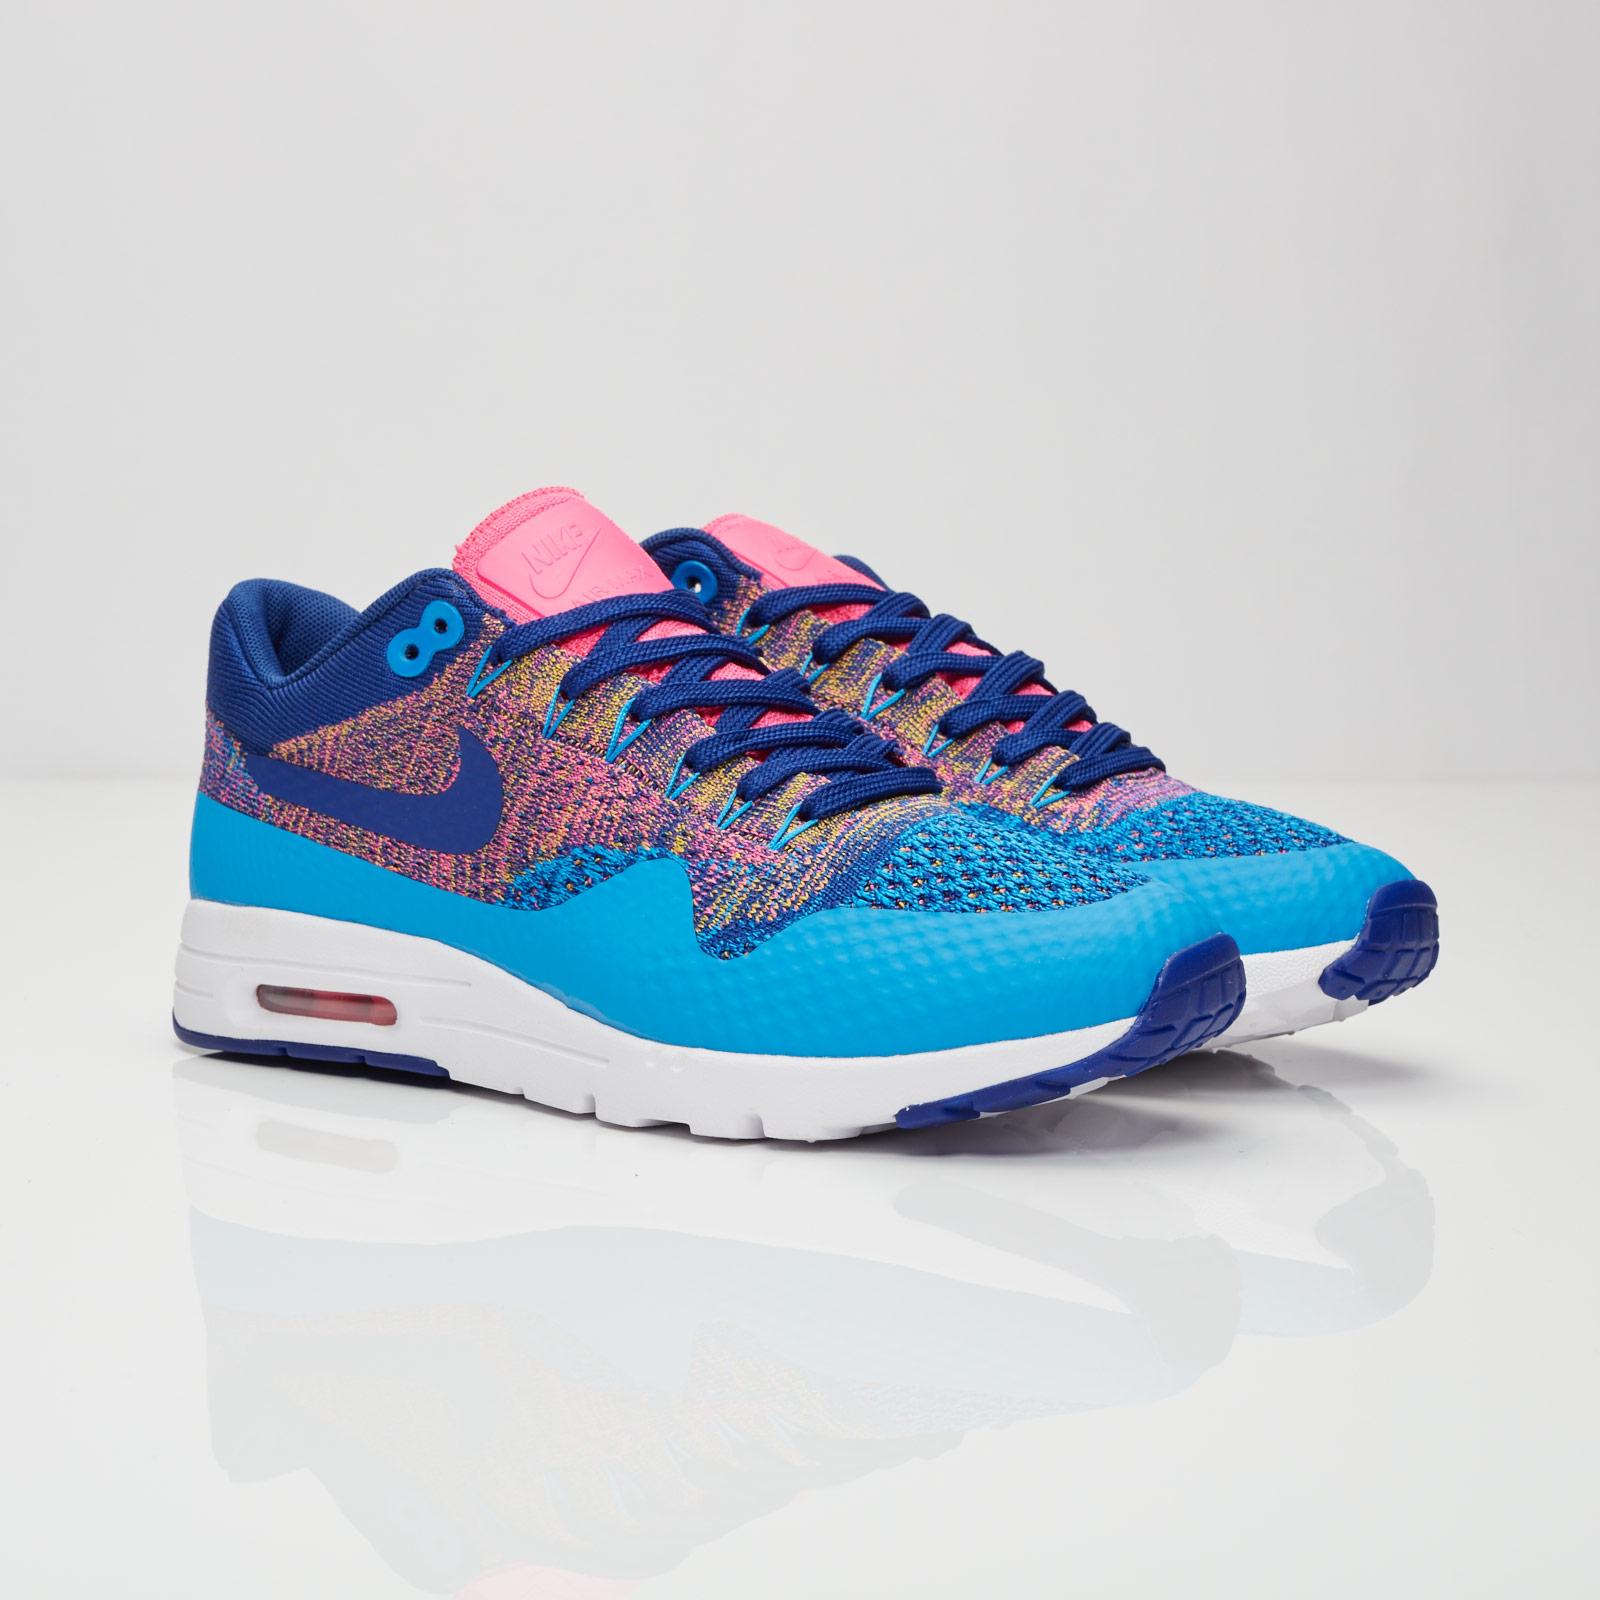 watch 45dd1 96852 Nike W Air Max 1 Ultra Flyknit - 843387-400 - Sneakersnstuff ...